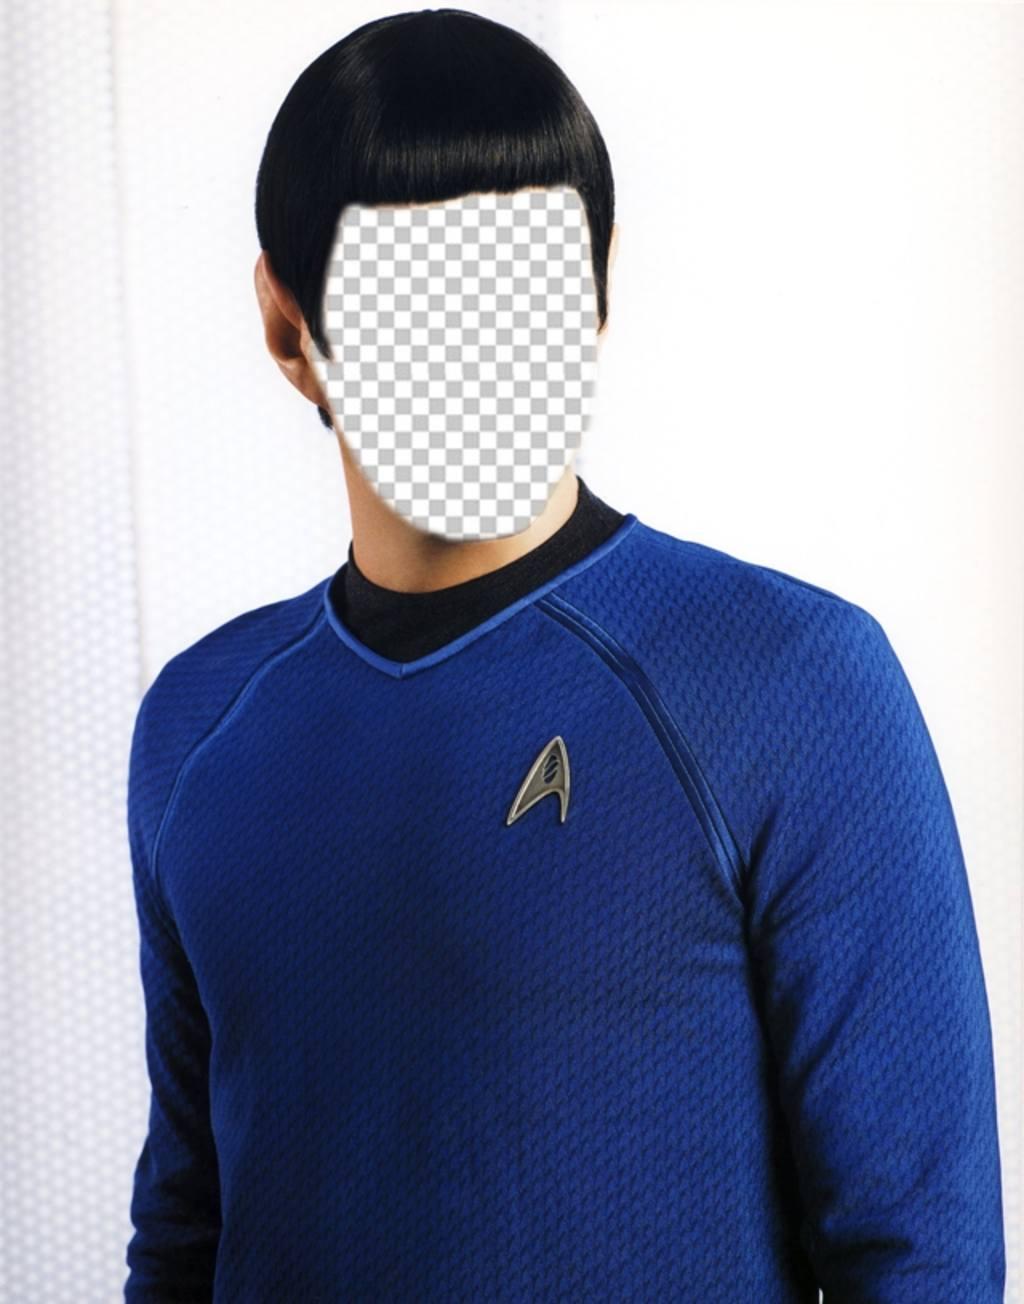 Torne-se em Spock de Star Trek com este